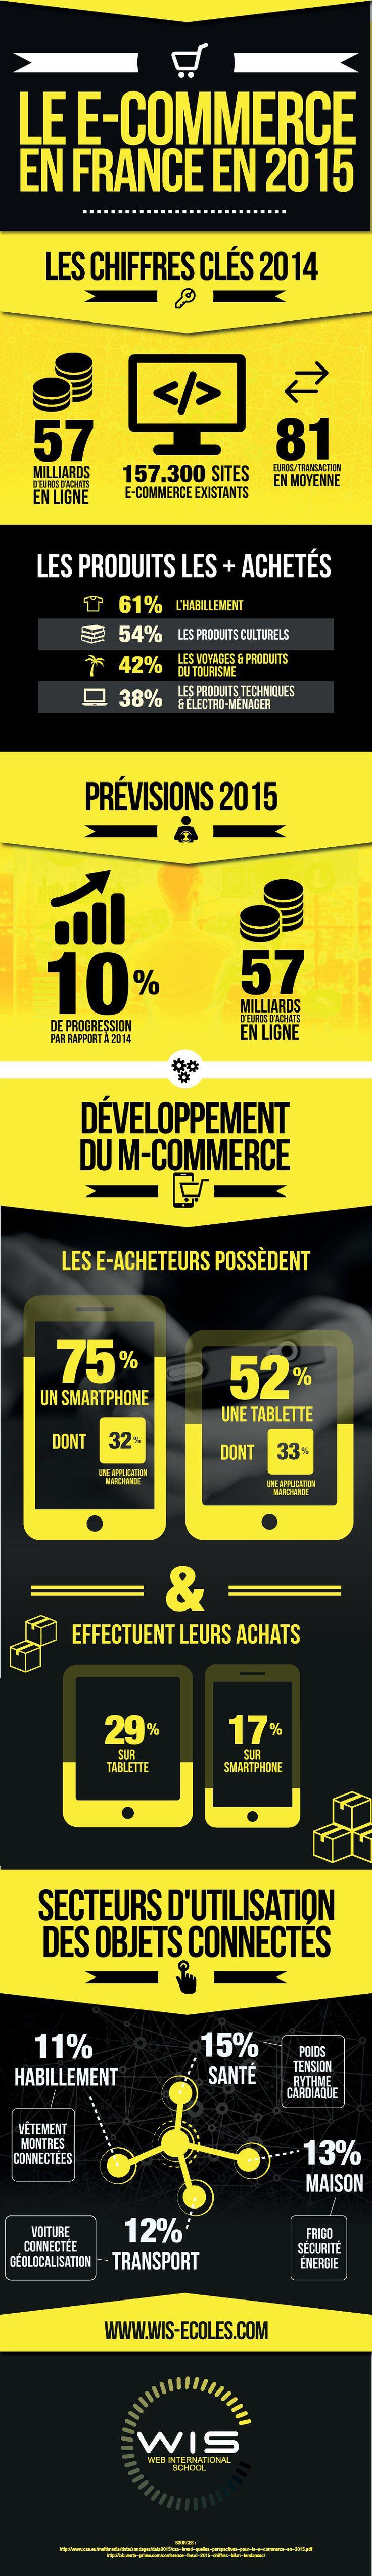 http://www.entreprendre.fr/artisans-quelle-forme-juridique-choisir